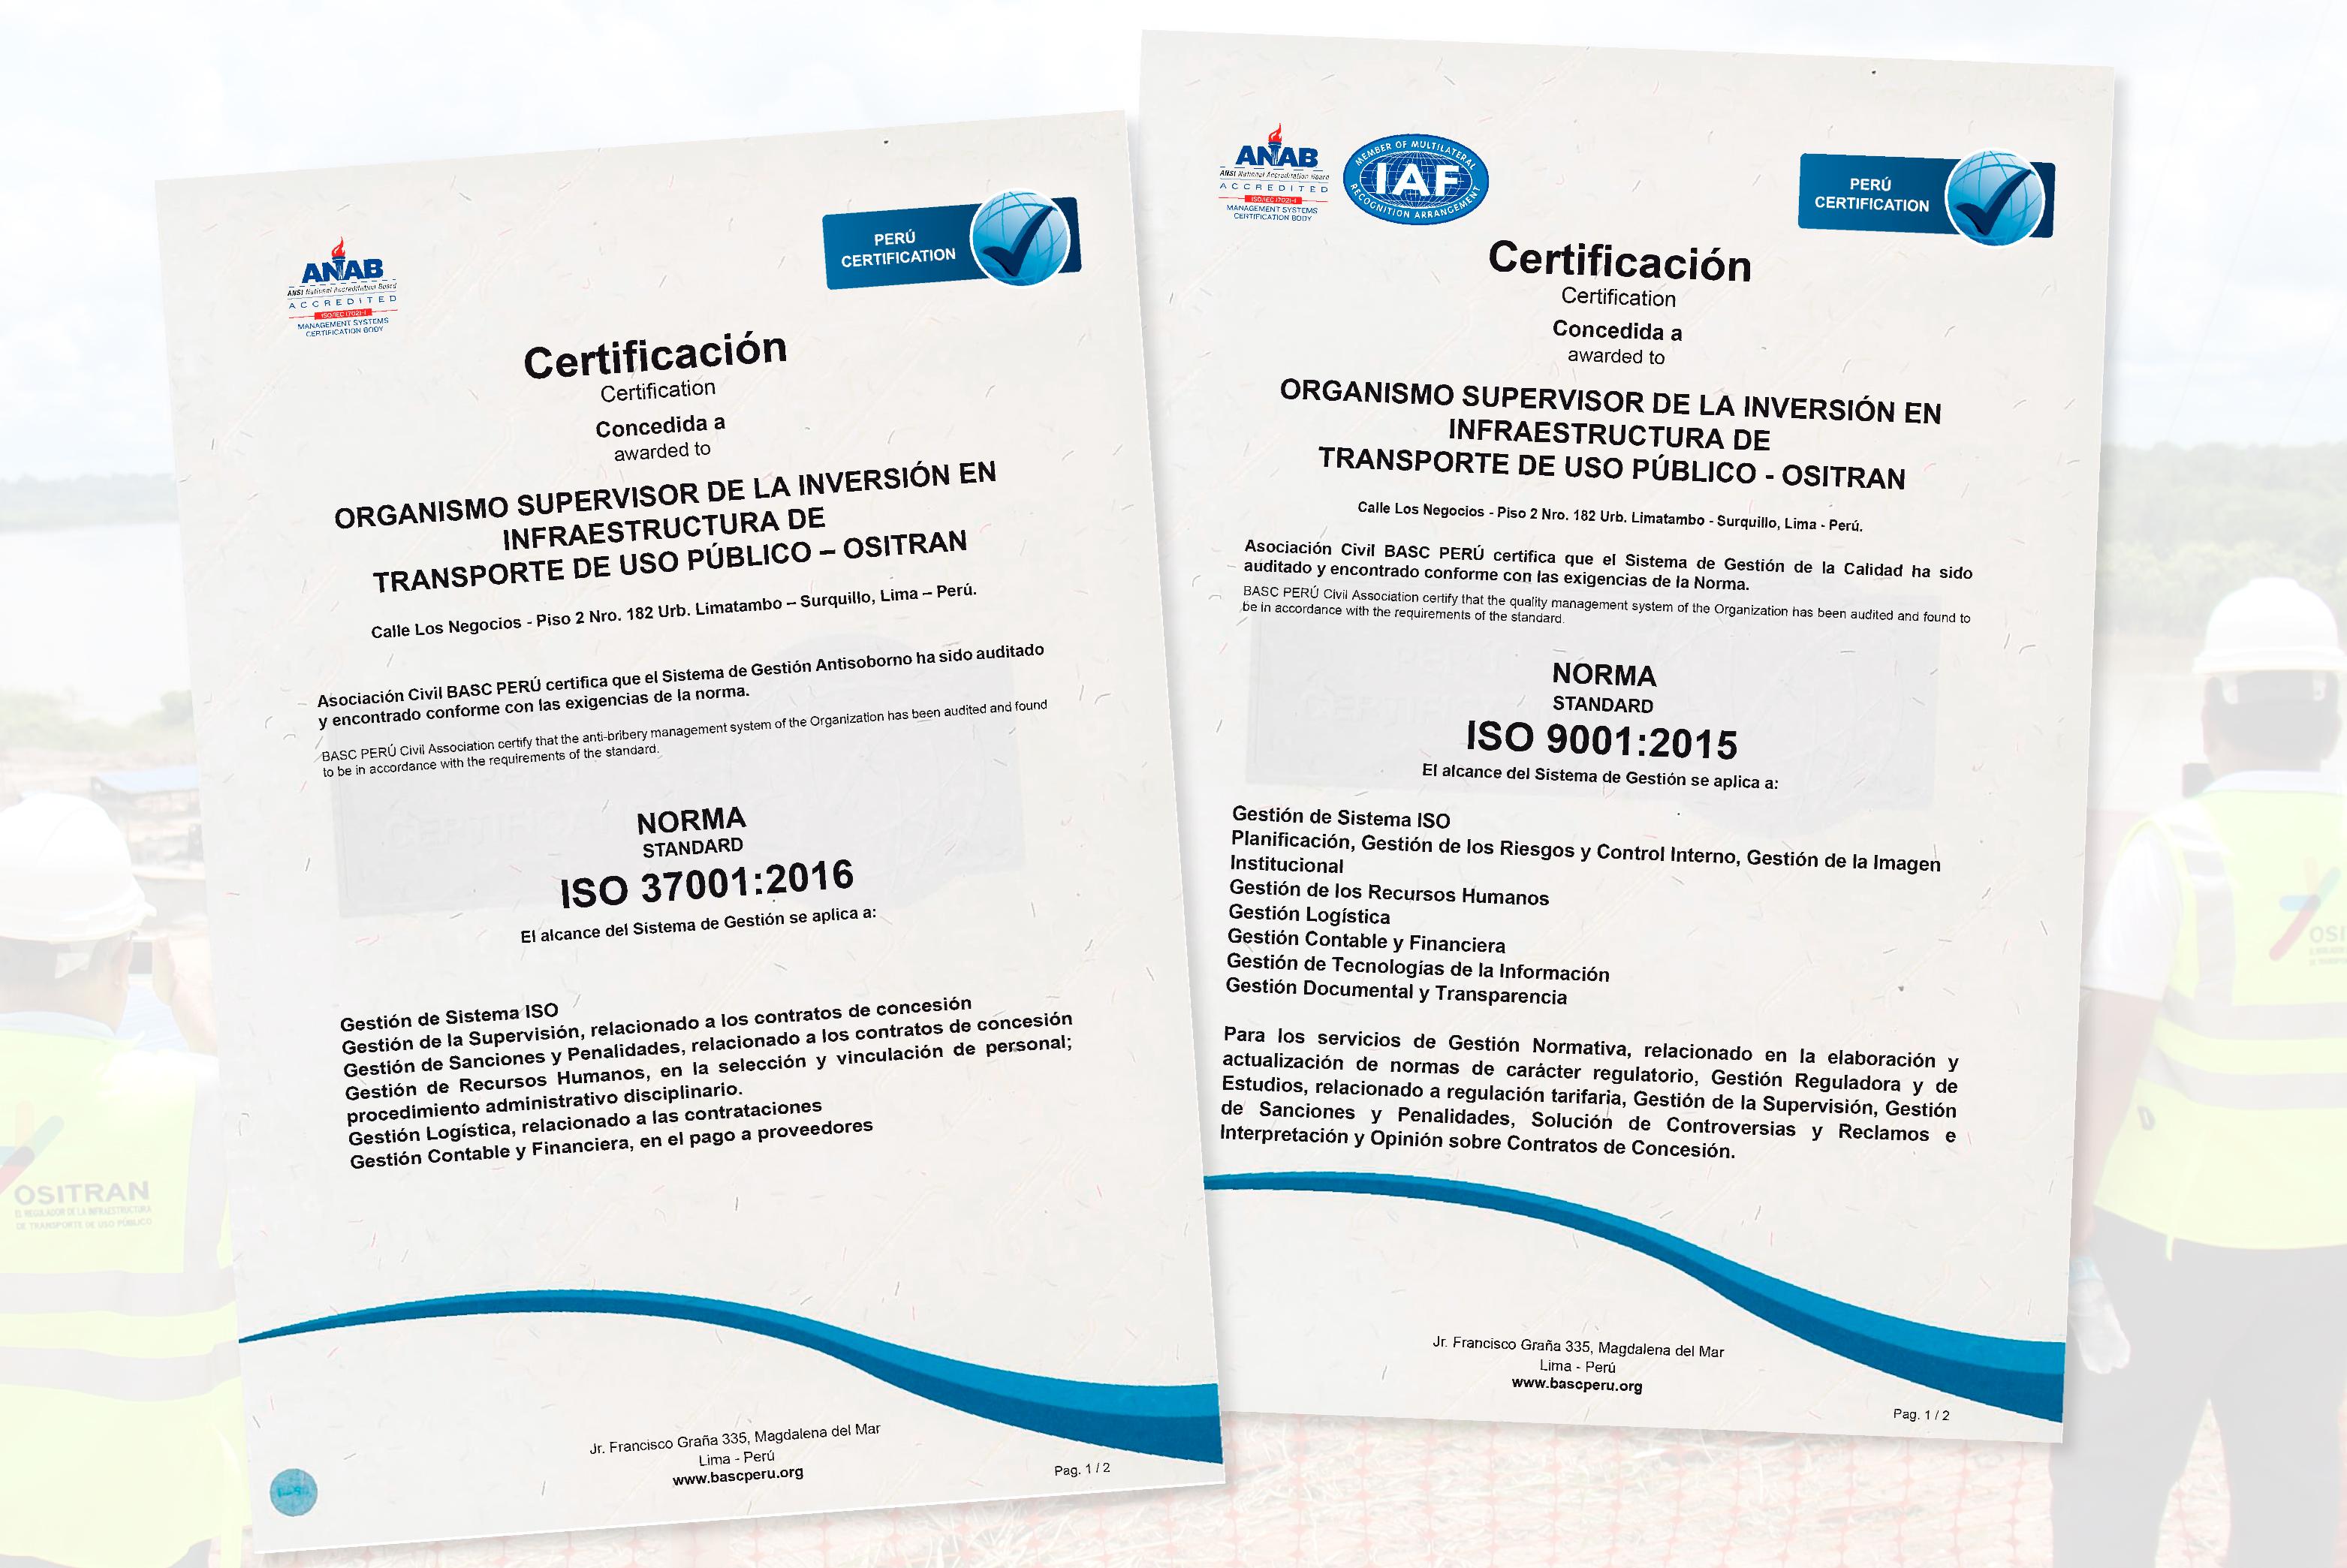 Ositran recibe recertificación de sus sistemas de gestión de la calidad y antisoborno